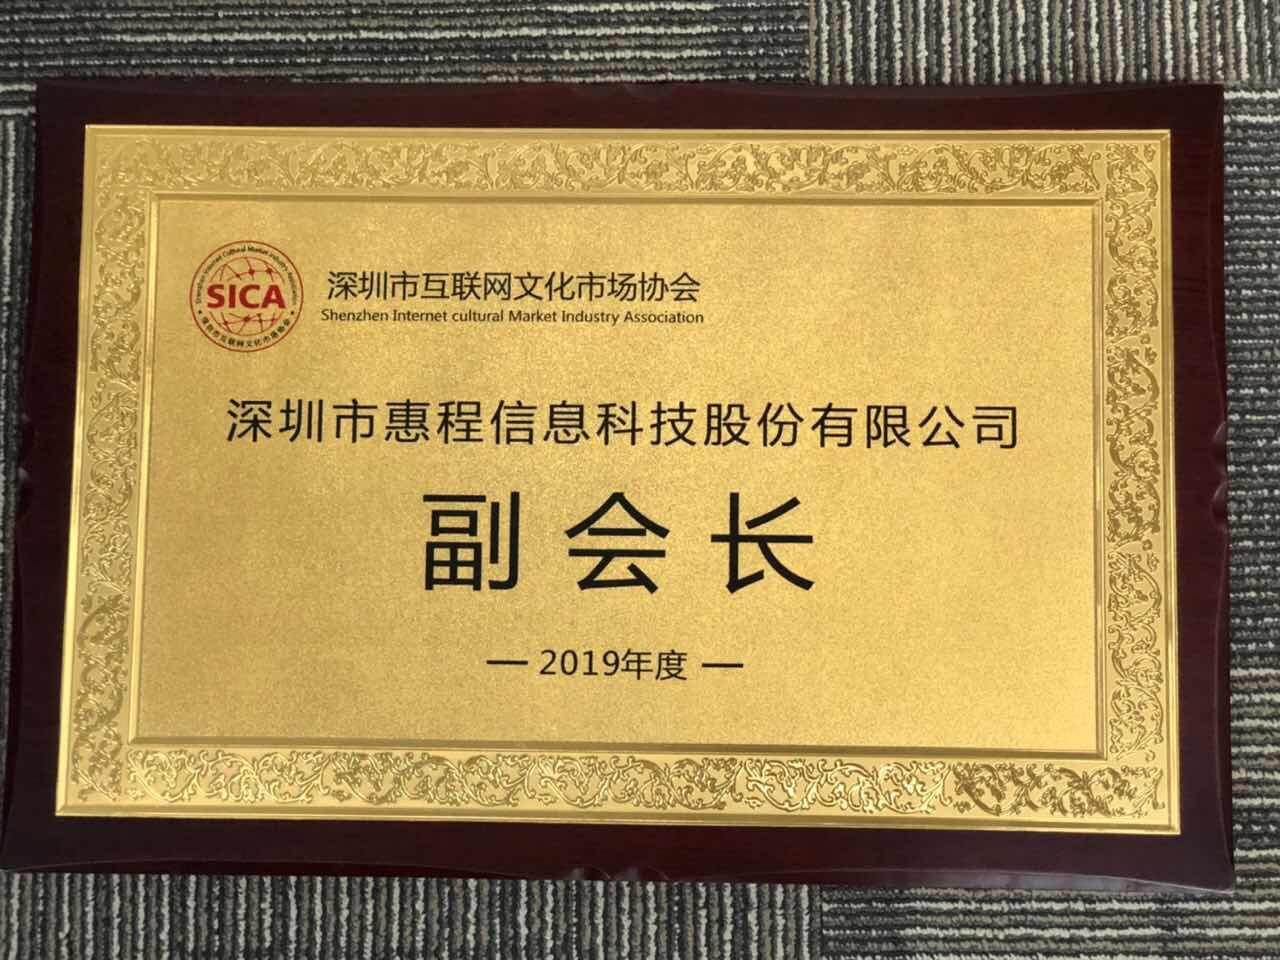 深圳市互聯網文化市場協會